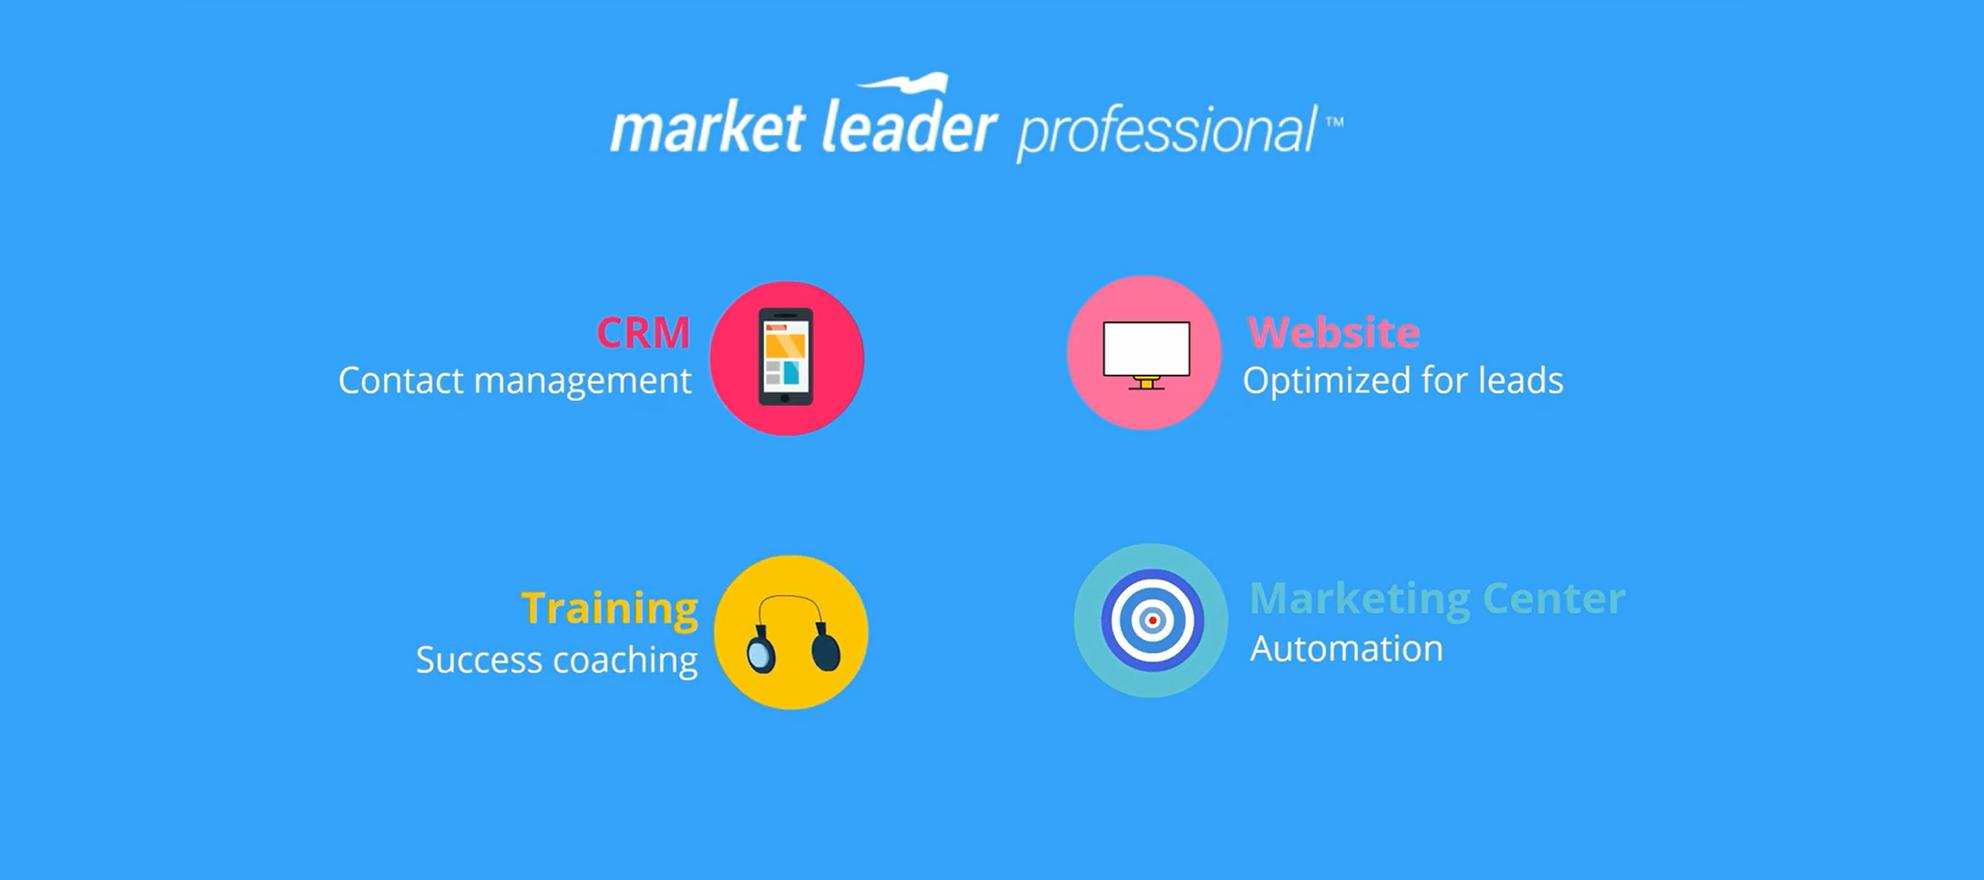 Market Leader Professional